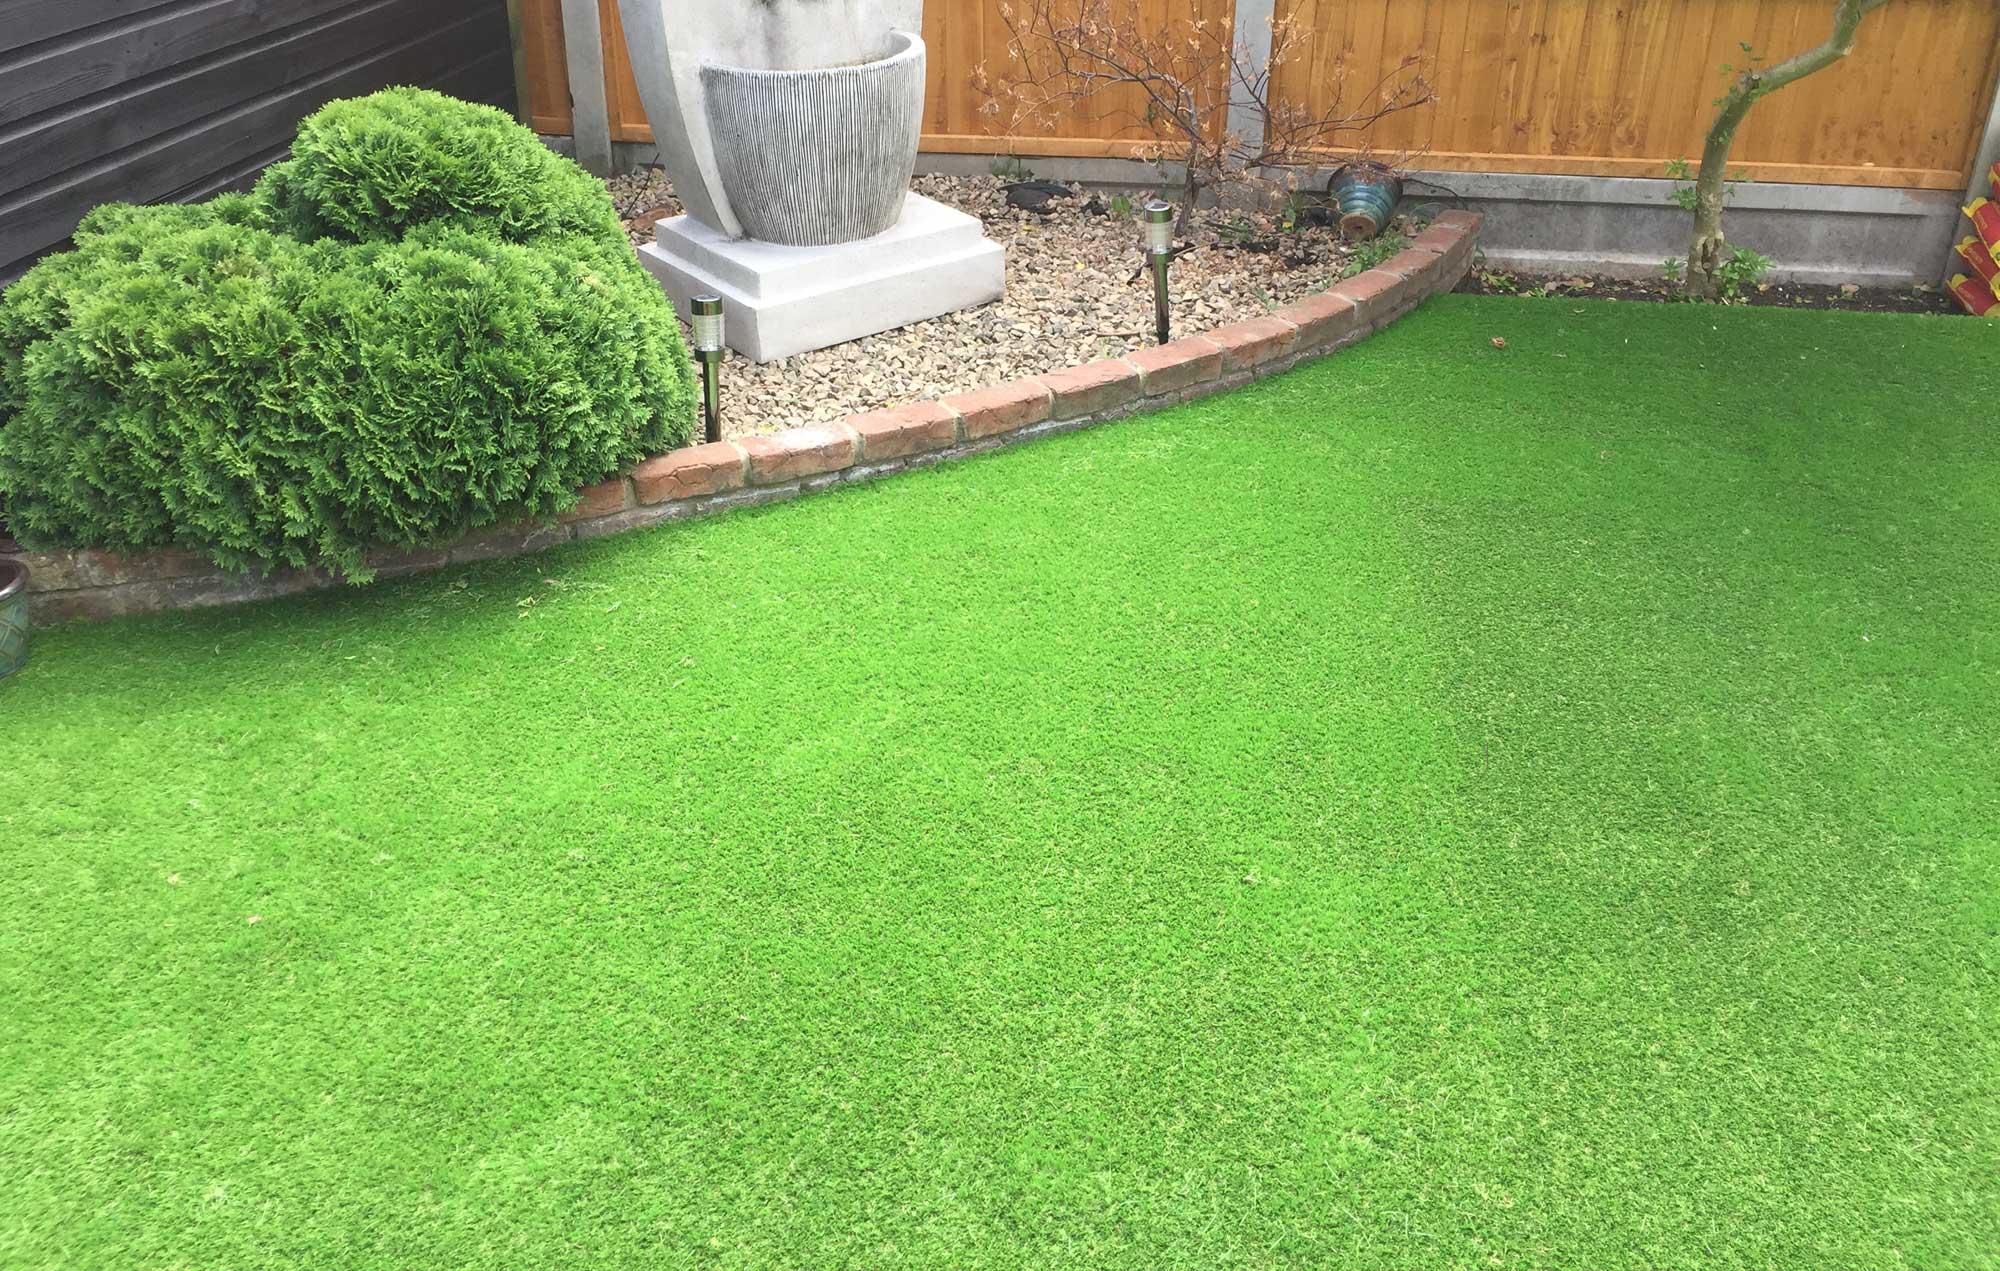 artifical grass lawn